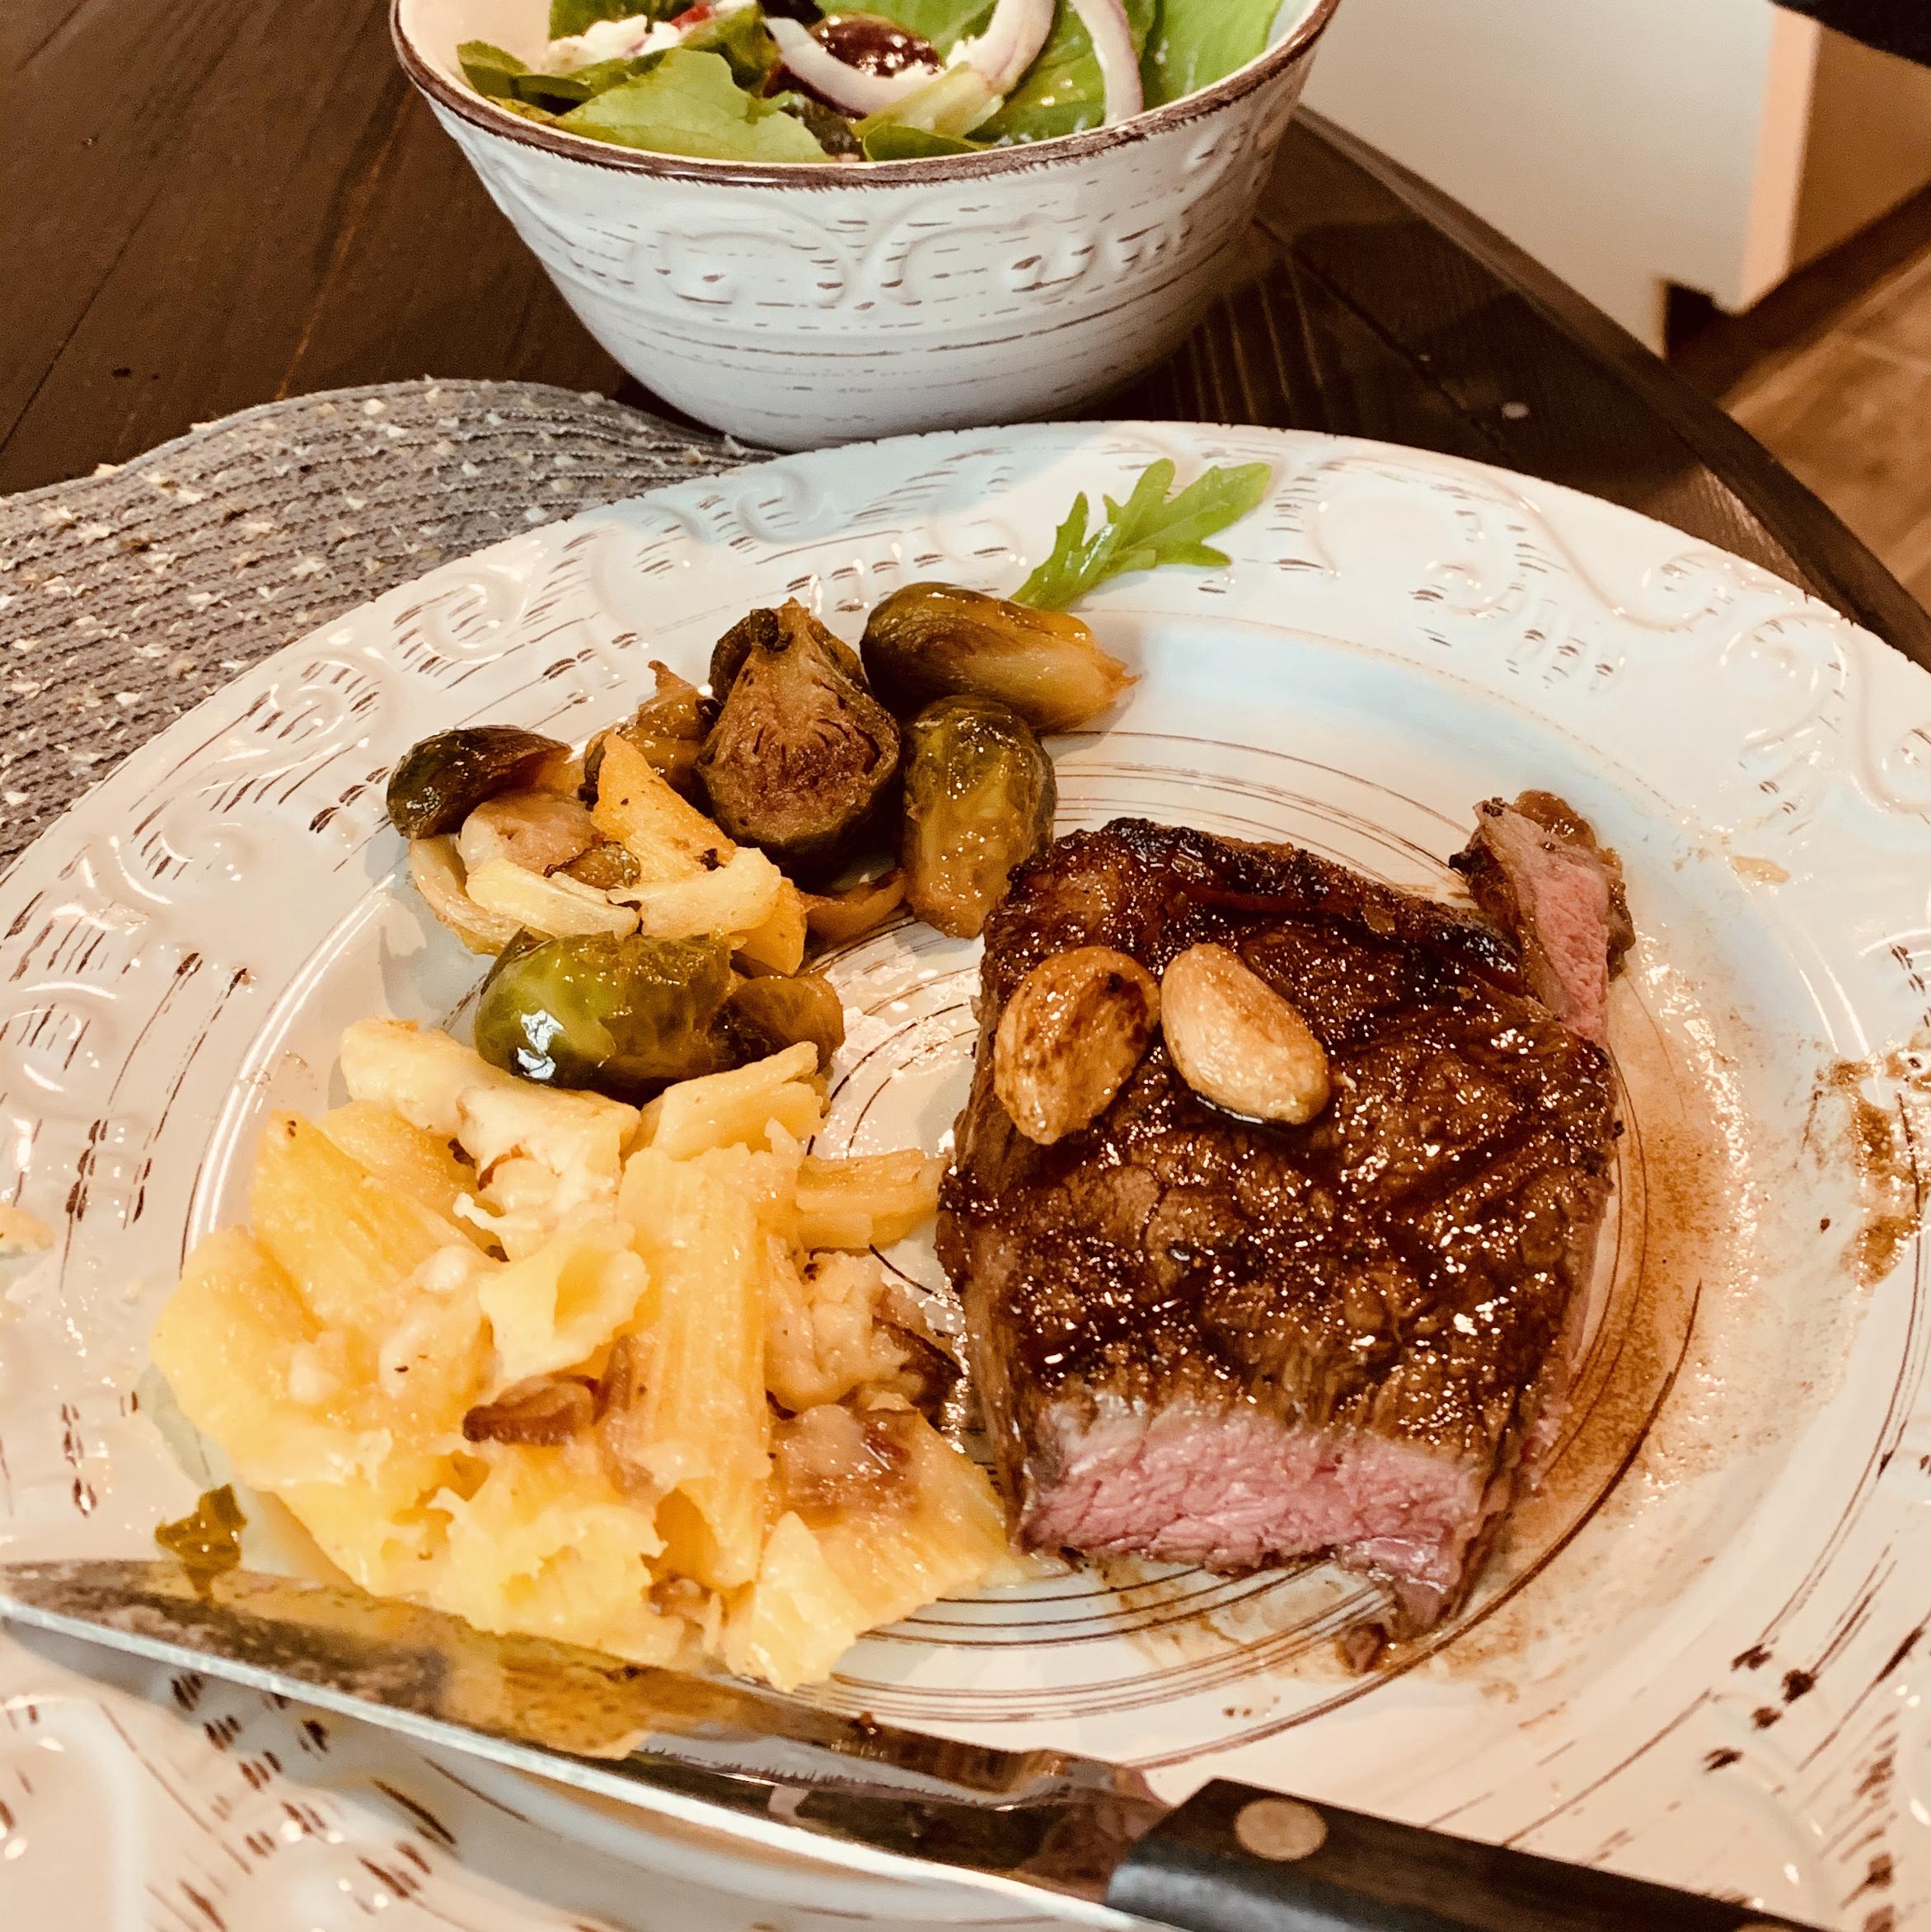 Garlic Steak with Garlic Mark Hudson